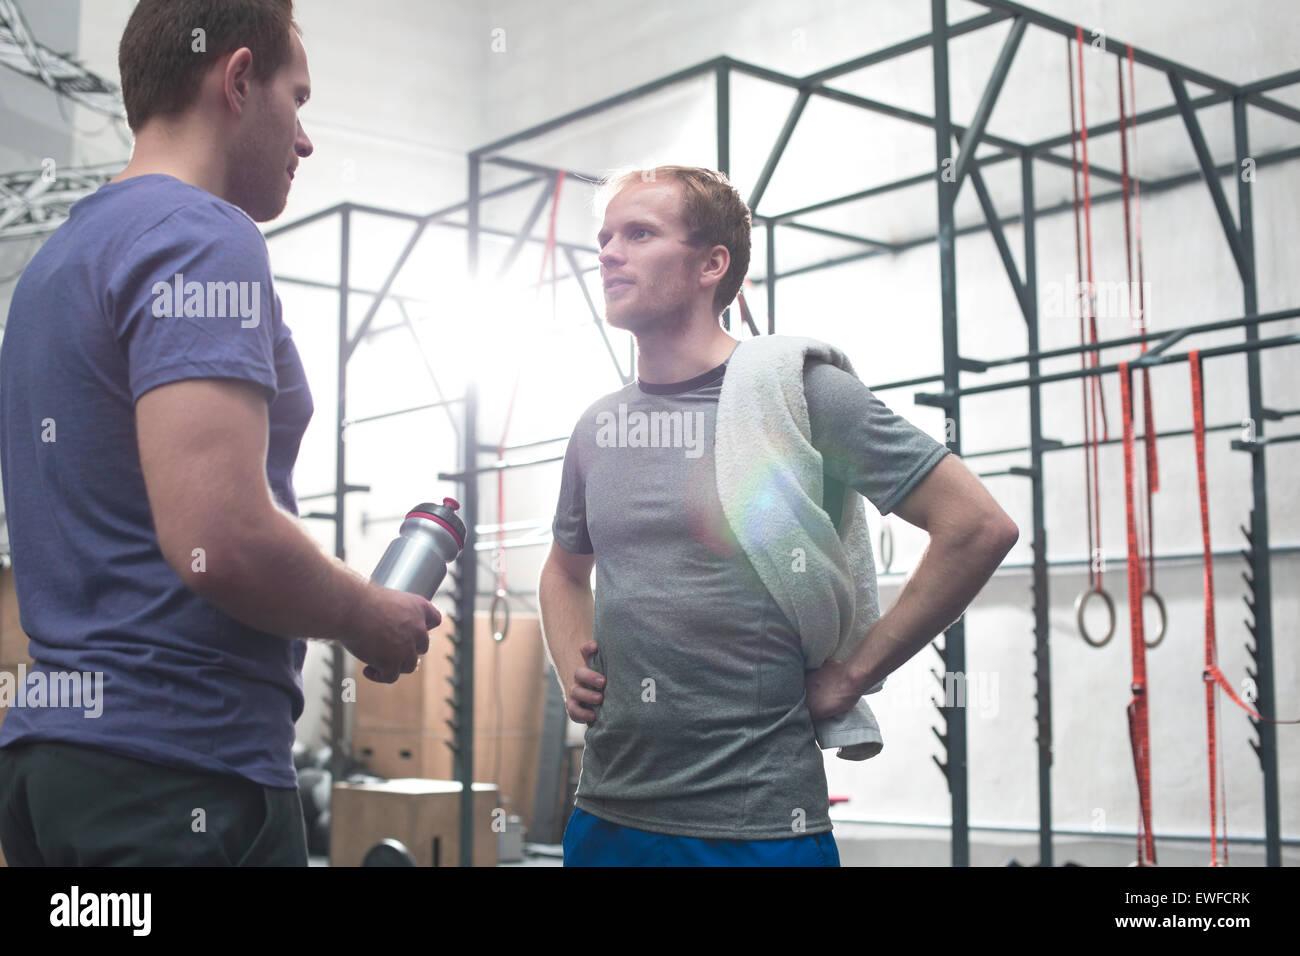 Männliche Freunde reden in Crossfit gym Stockfoto